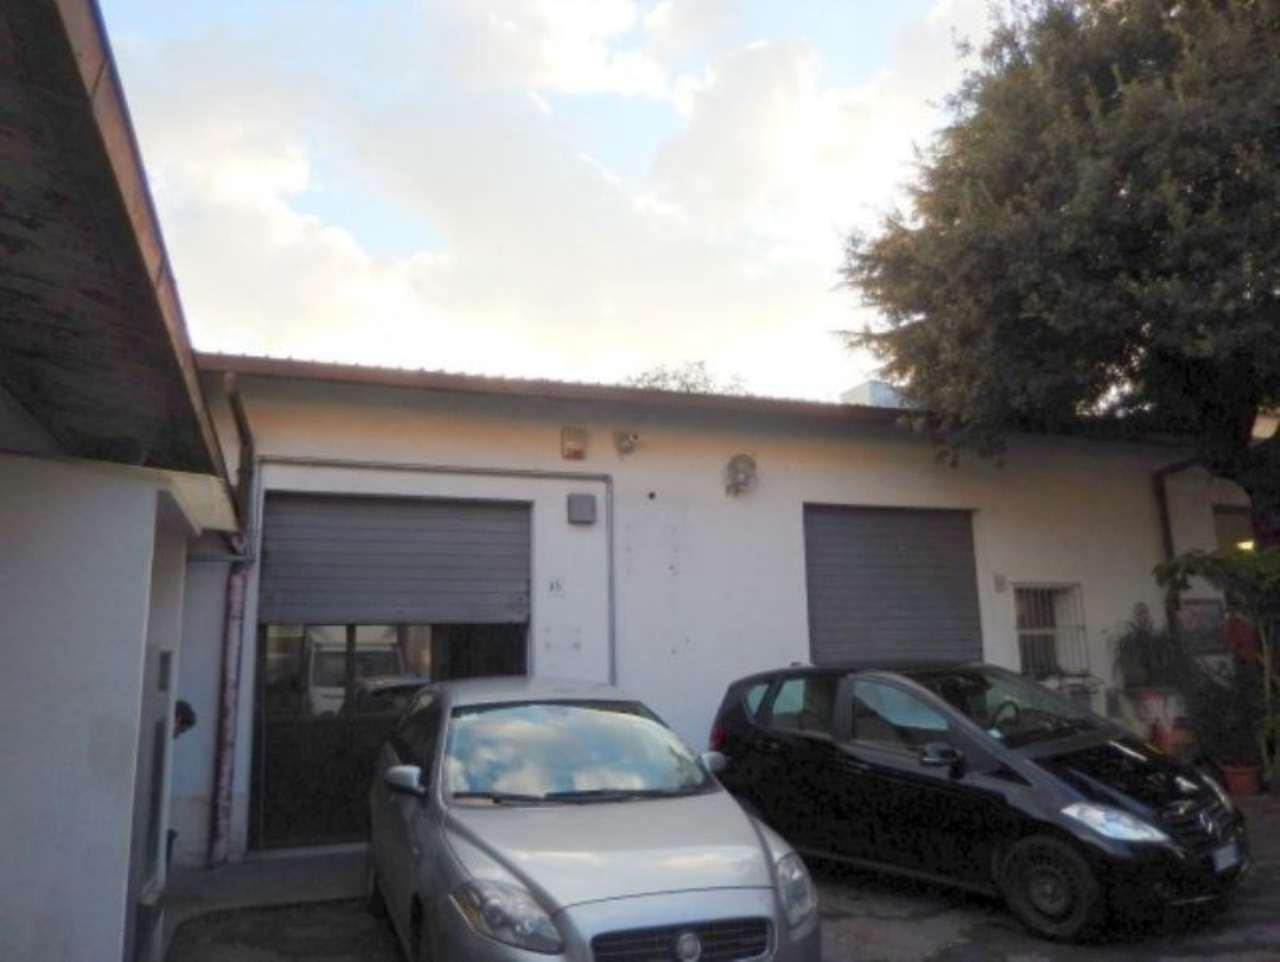 Laboratori in affitto a roma for Affitto locali commerciali roma nord